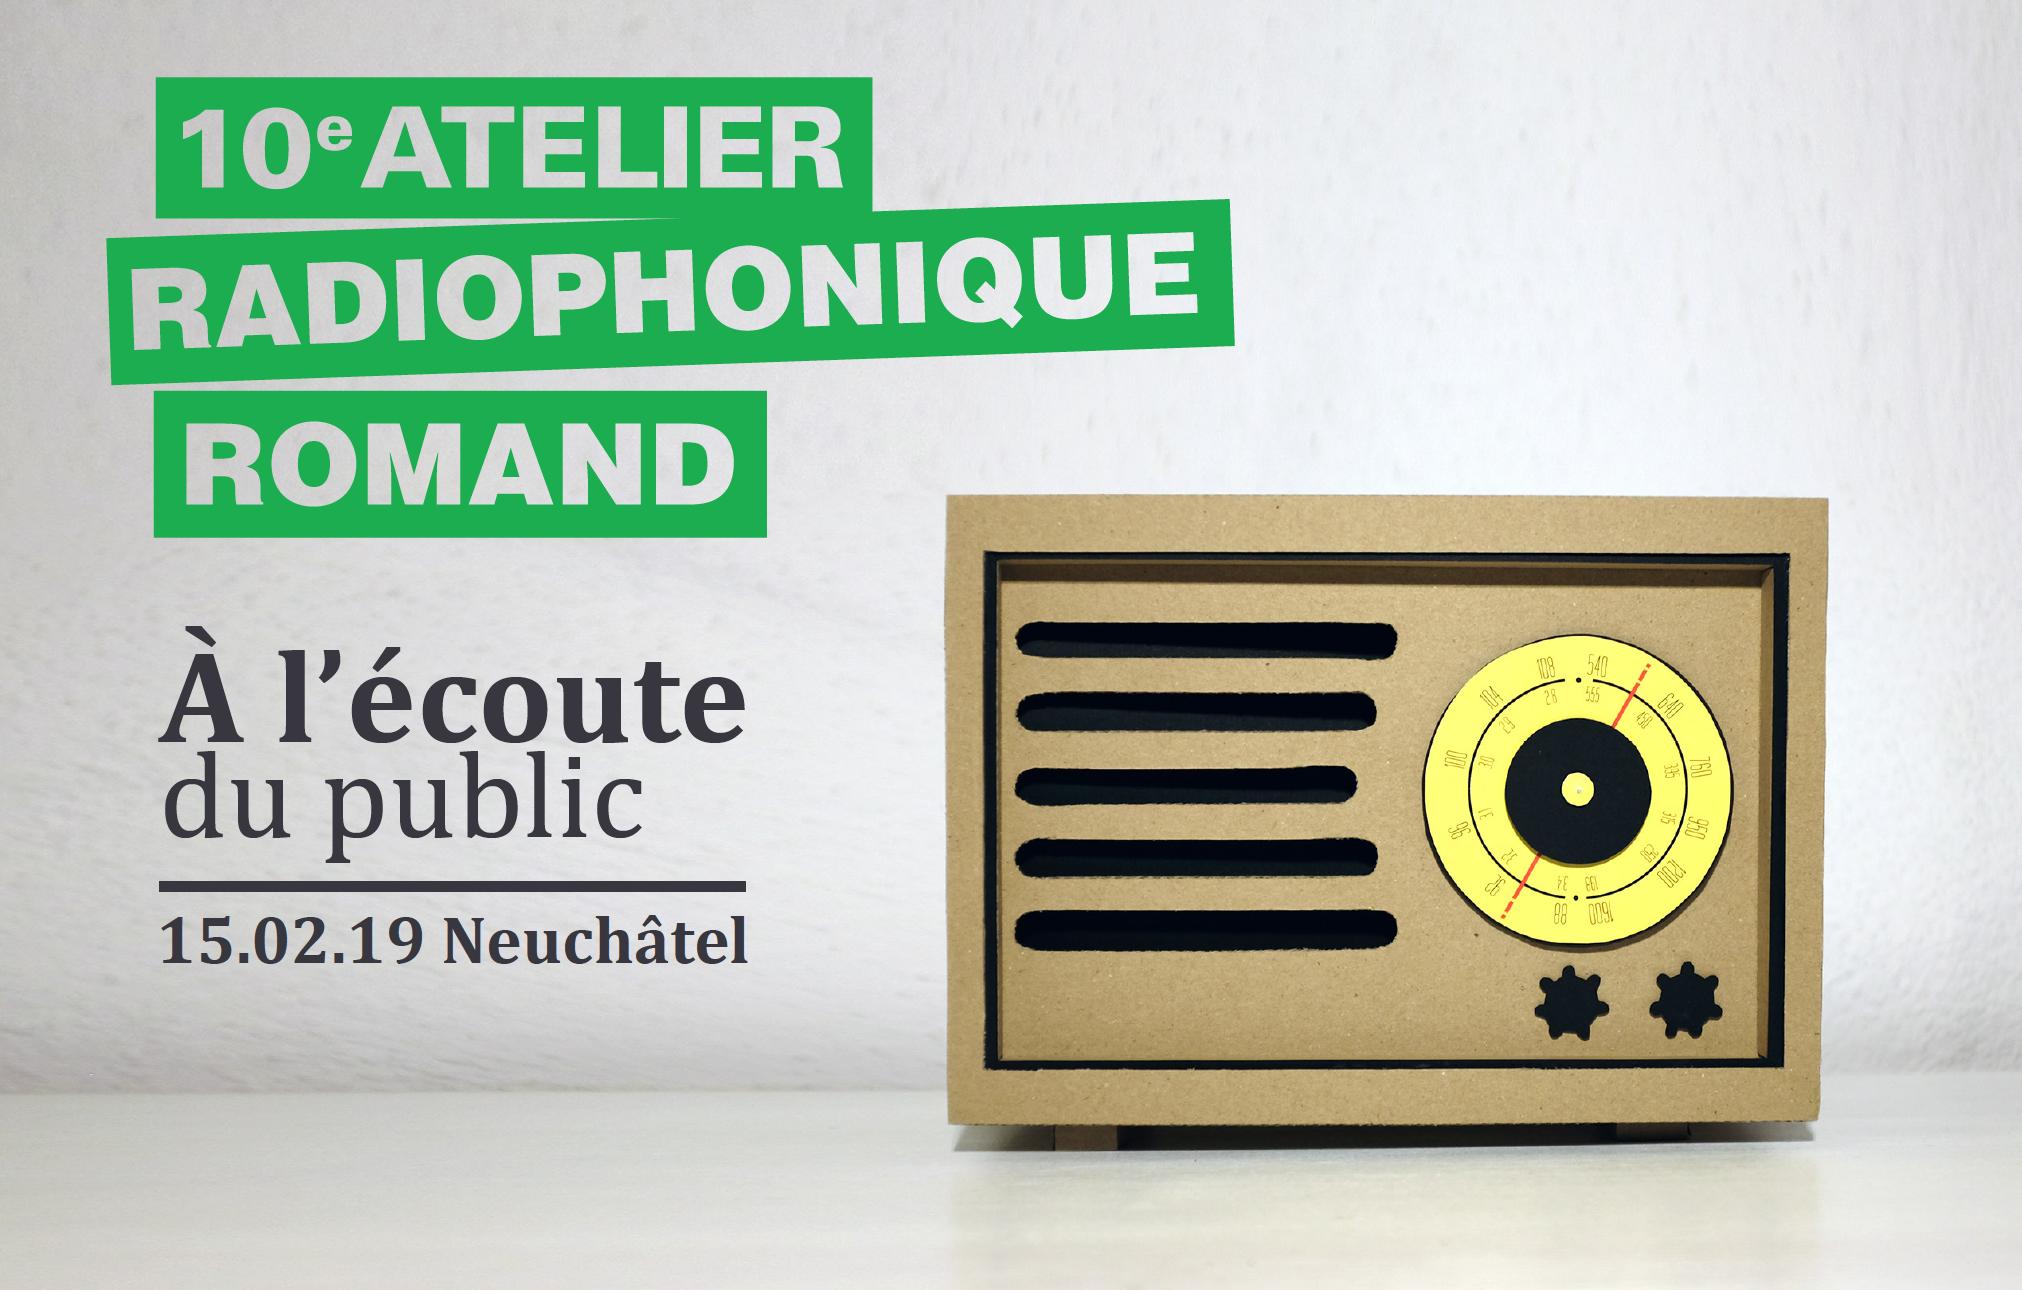 Le public au coeur du nouvel Atelier Radiophonique Romand